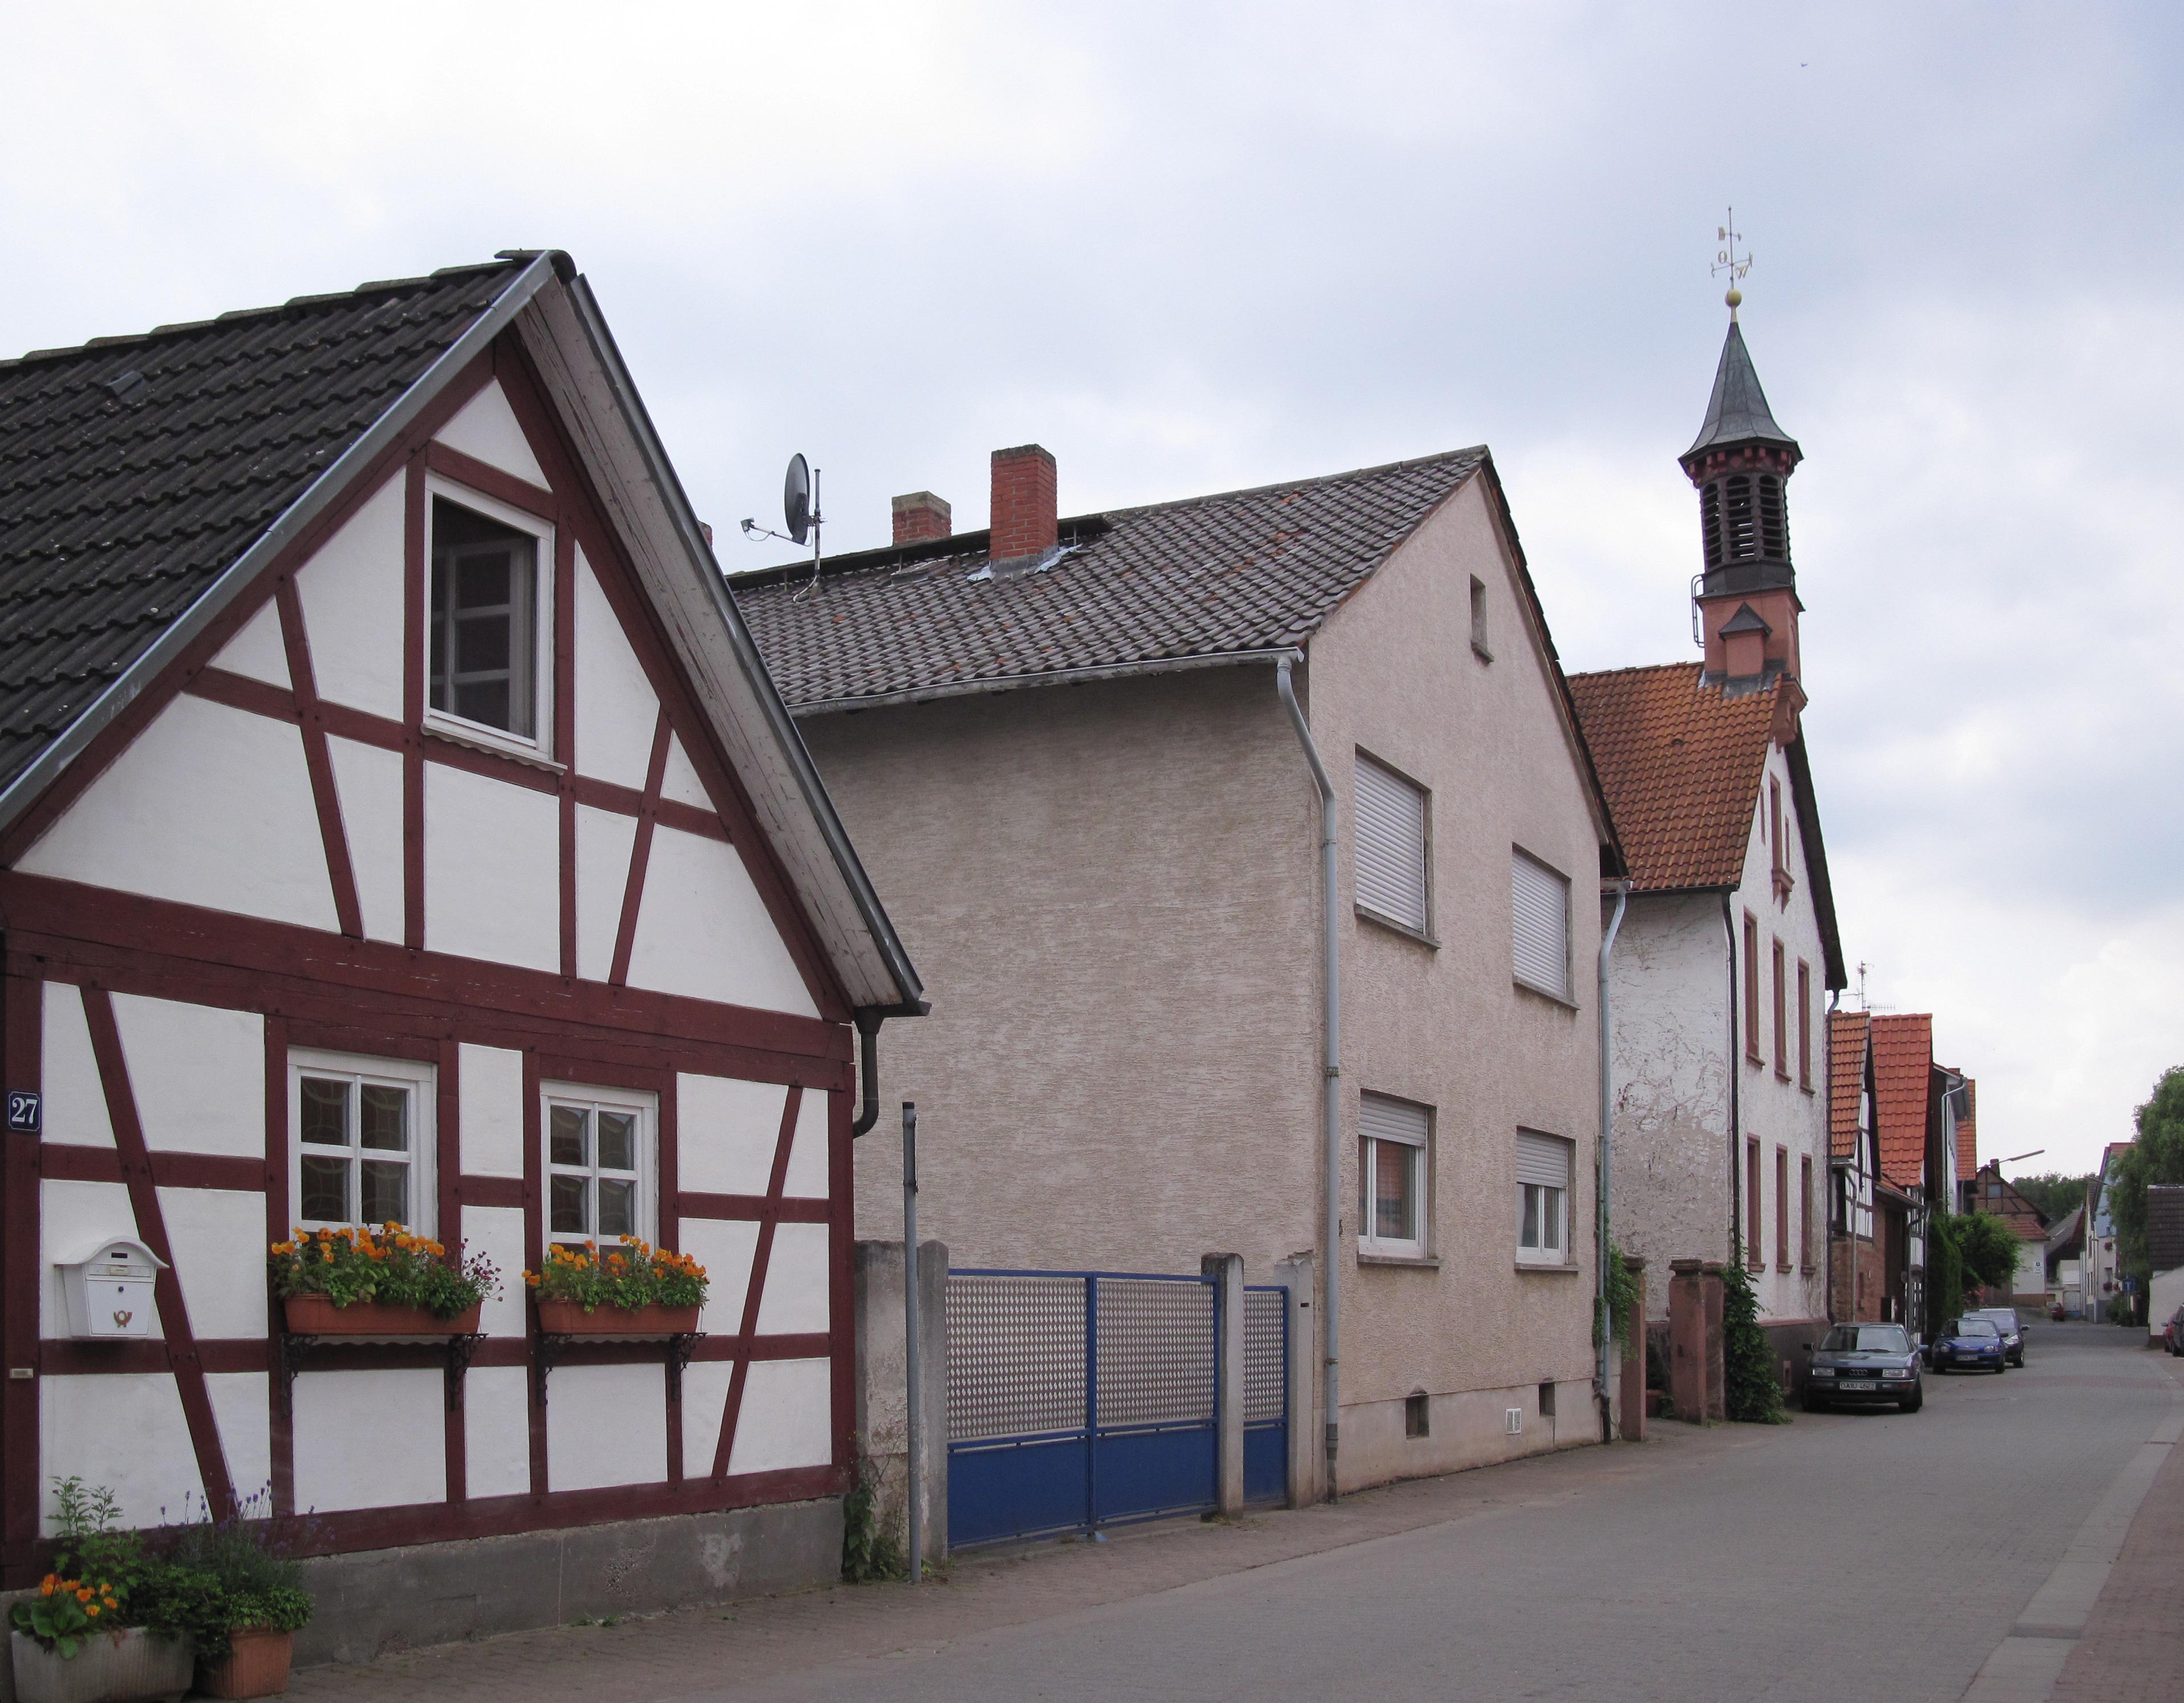 Reinheim Zeilhard